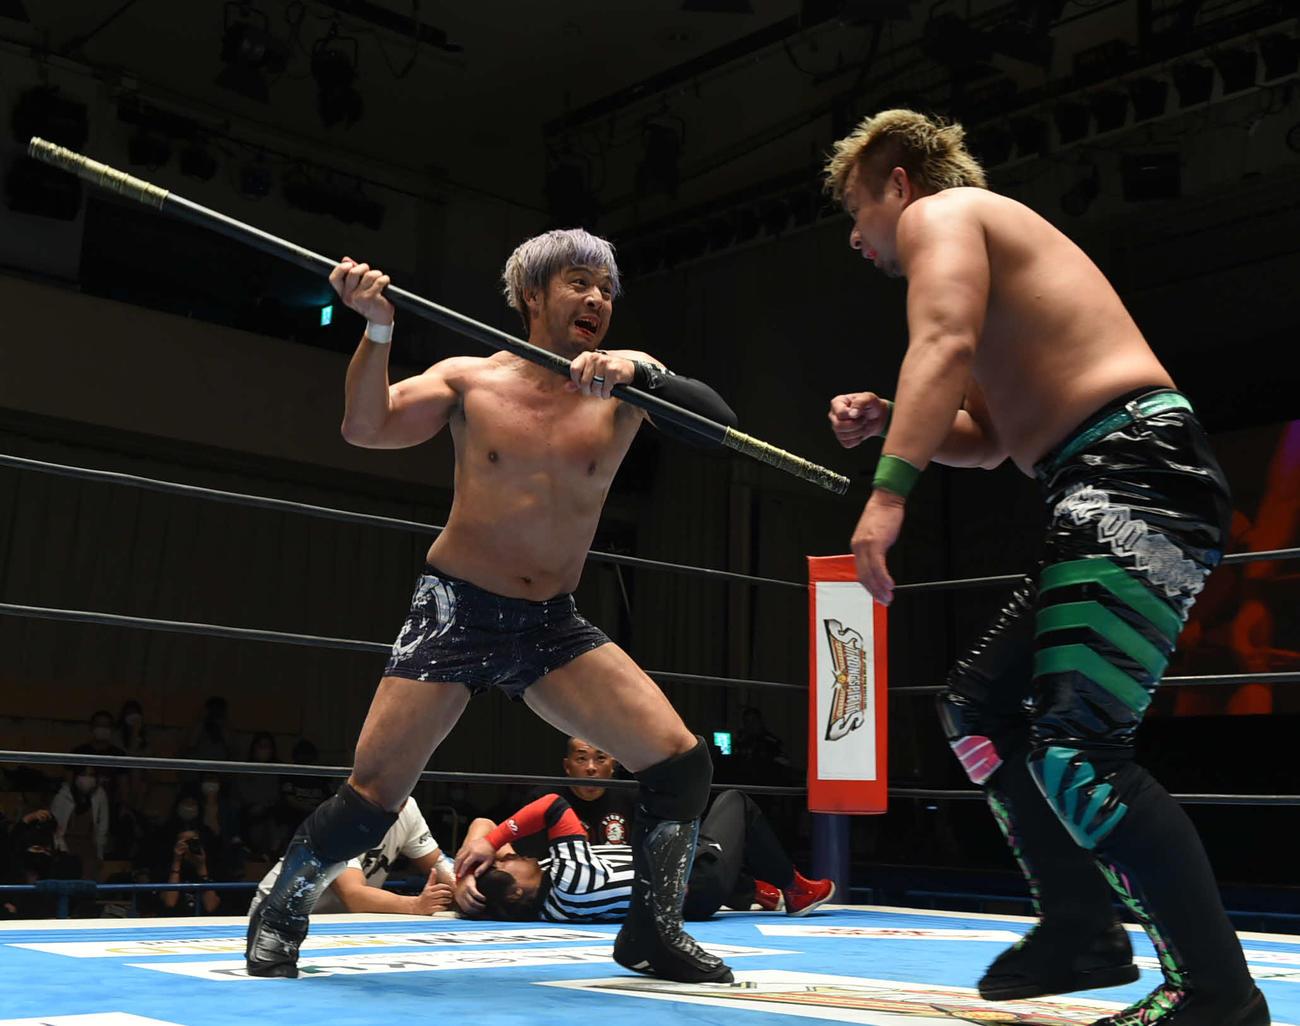 新日本プロレス後楽園大会 棒を持ち出し、YOSHI-HASHI(右)に襲いかかるKENTA(新日本プロレス提供)